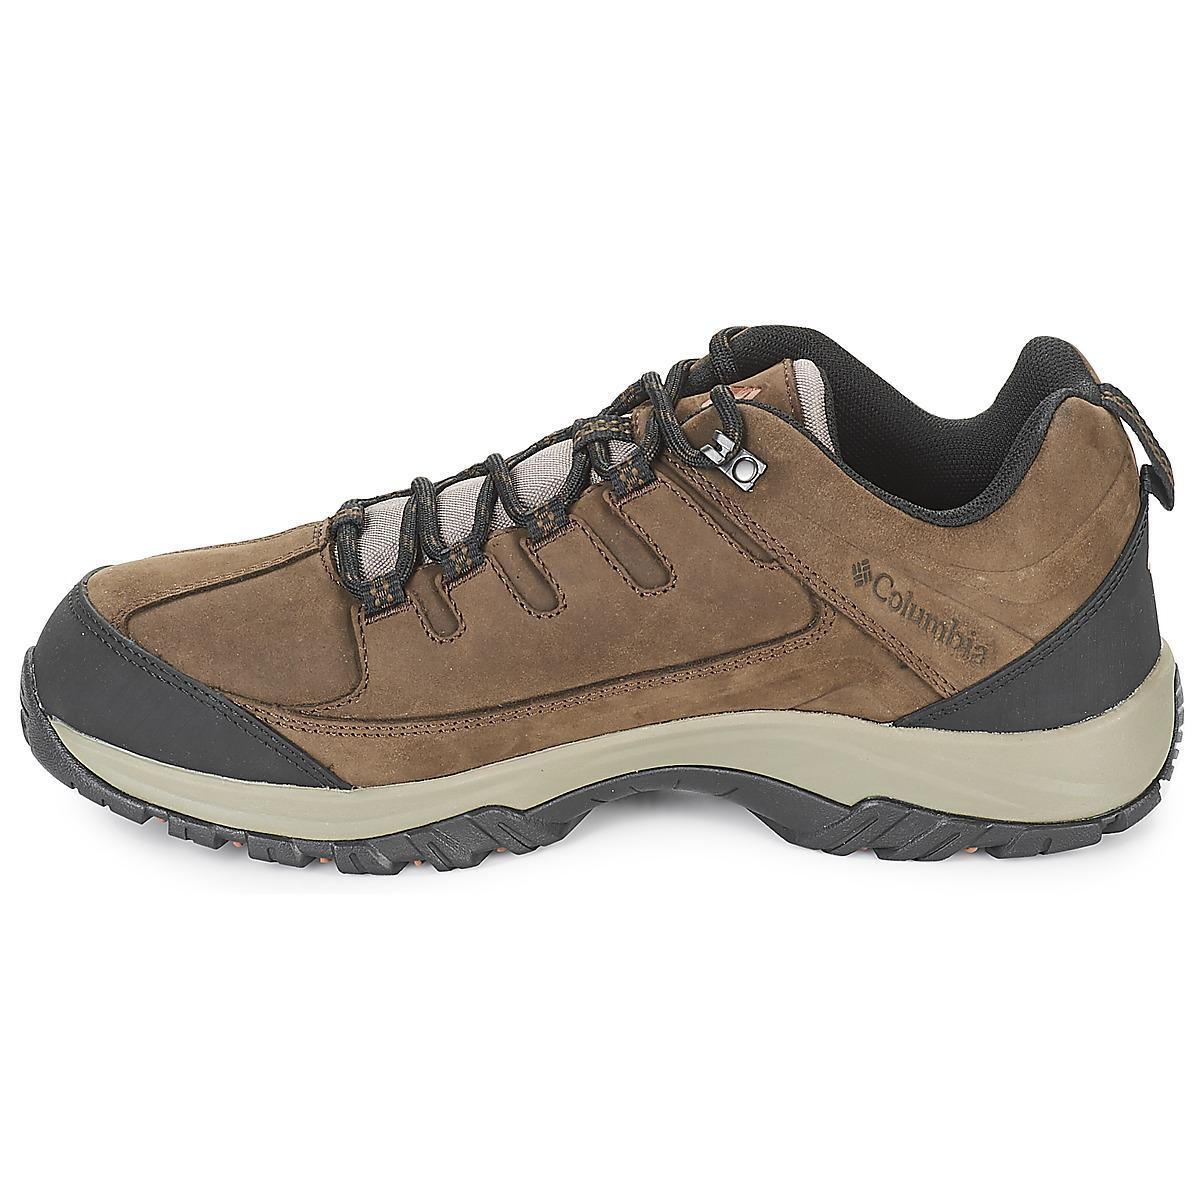 TERREBONNETM II OUTDRYTM Chaussures Columbia pour homme en coloris Marron